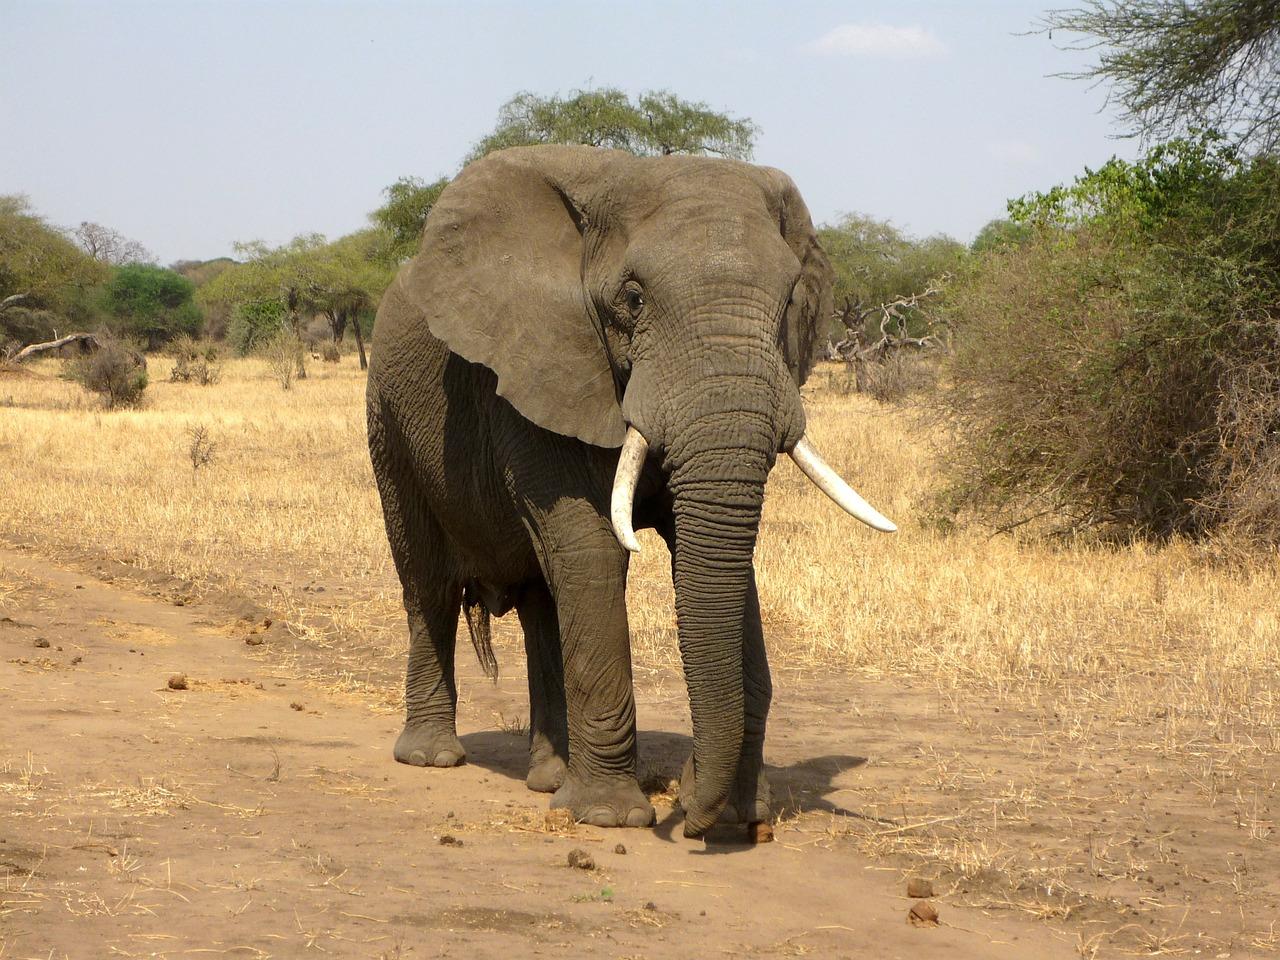 Jelentősen megnőtt Namíbia elefántpopulációja